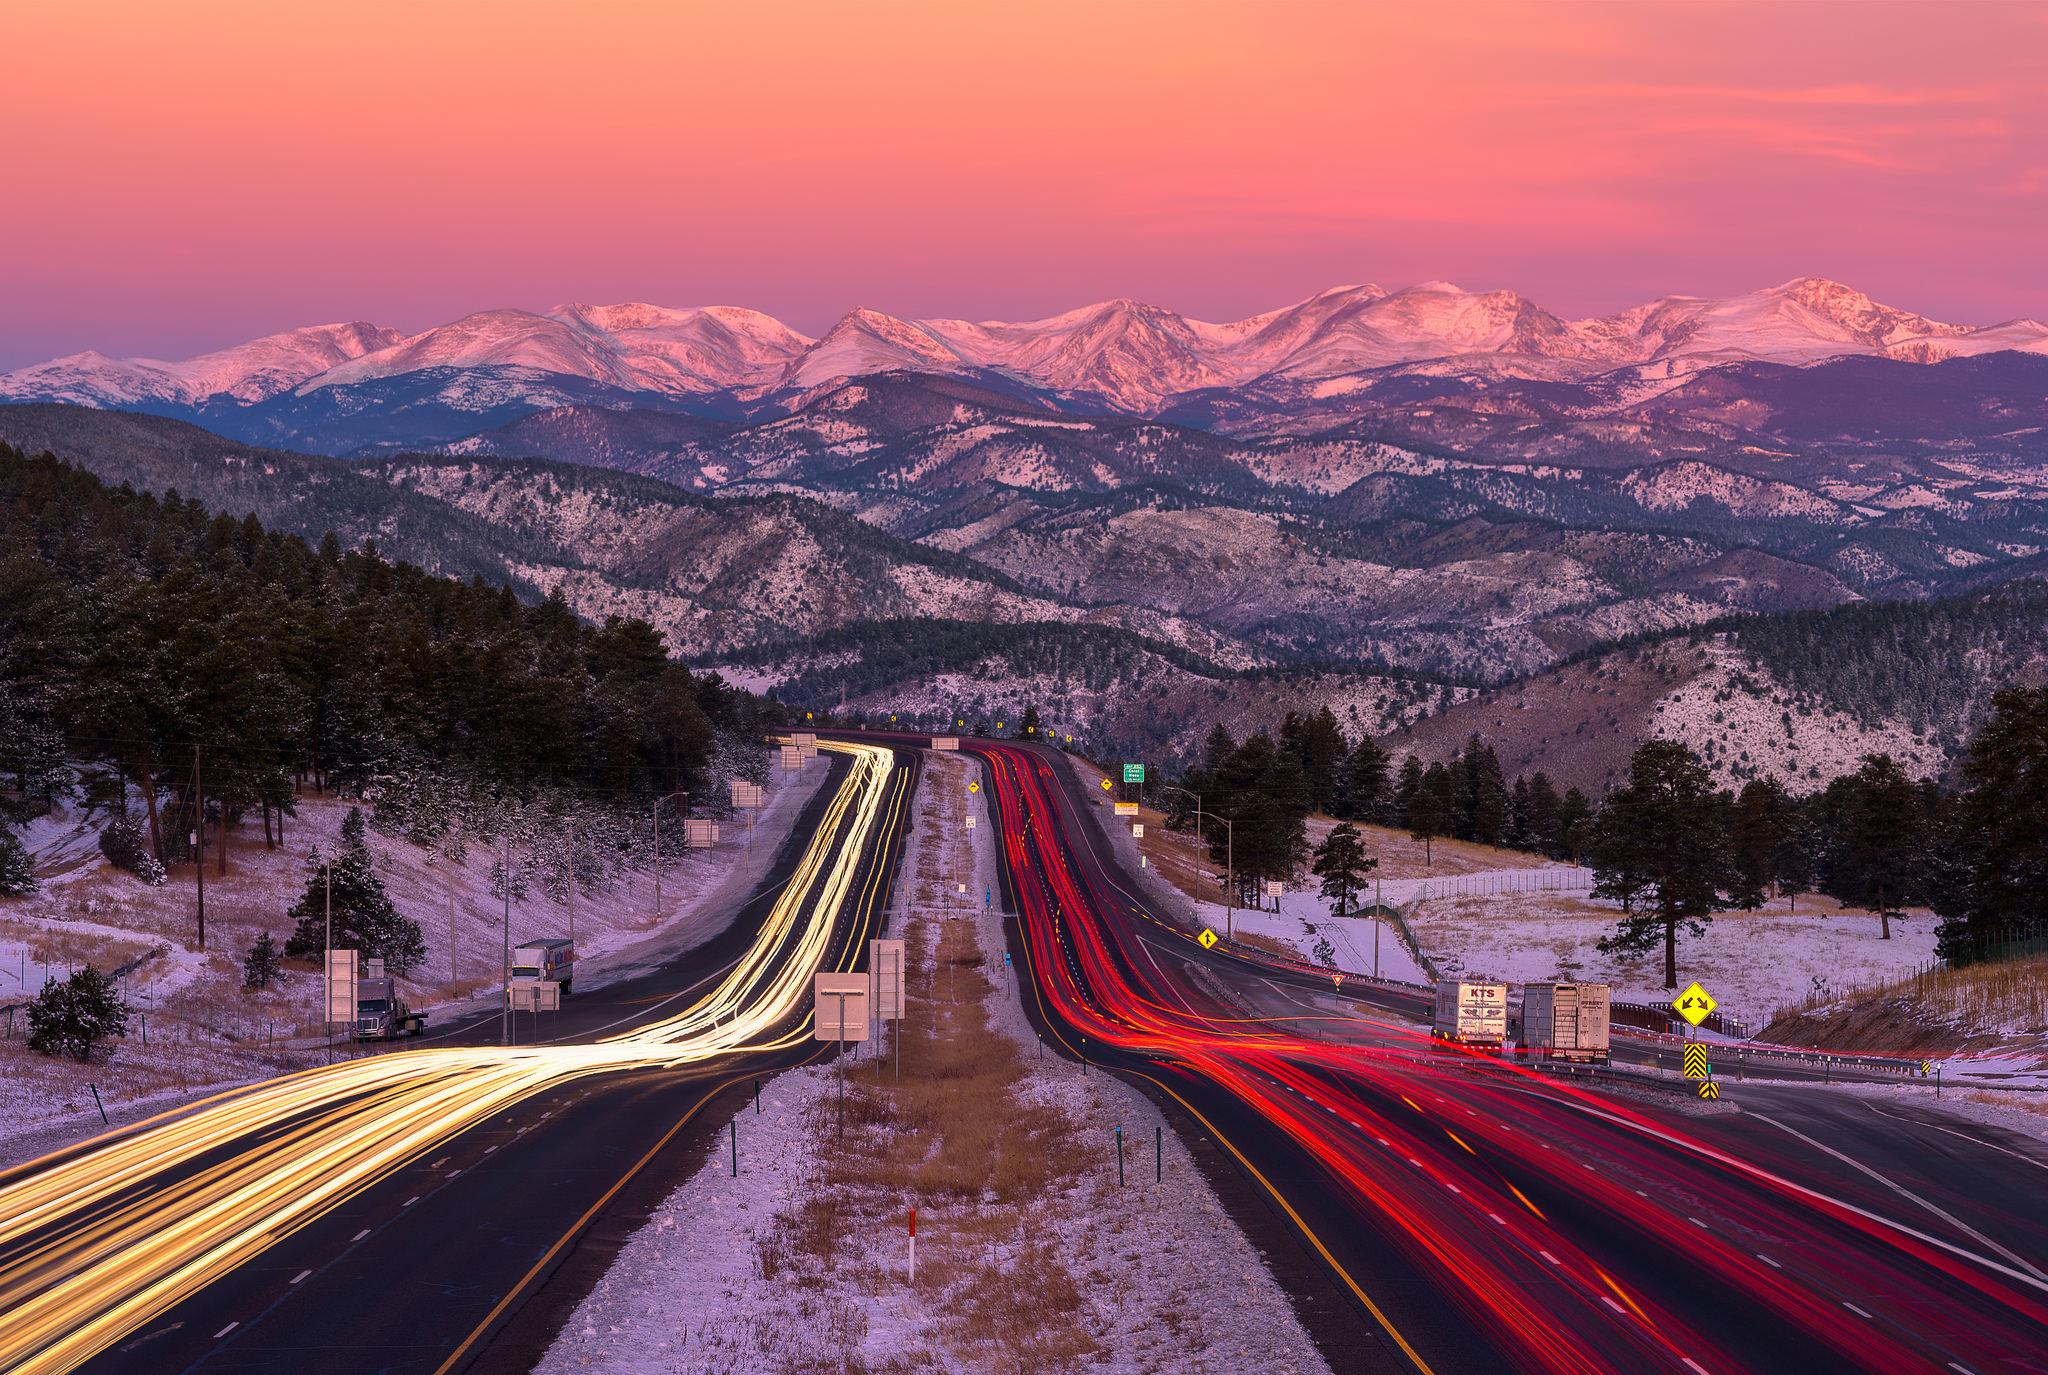 Una bella fotografía en una carretera - 2048x1375